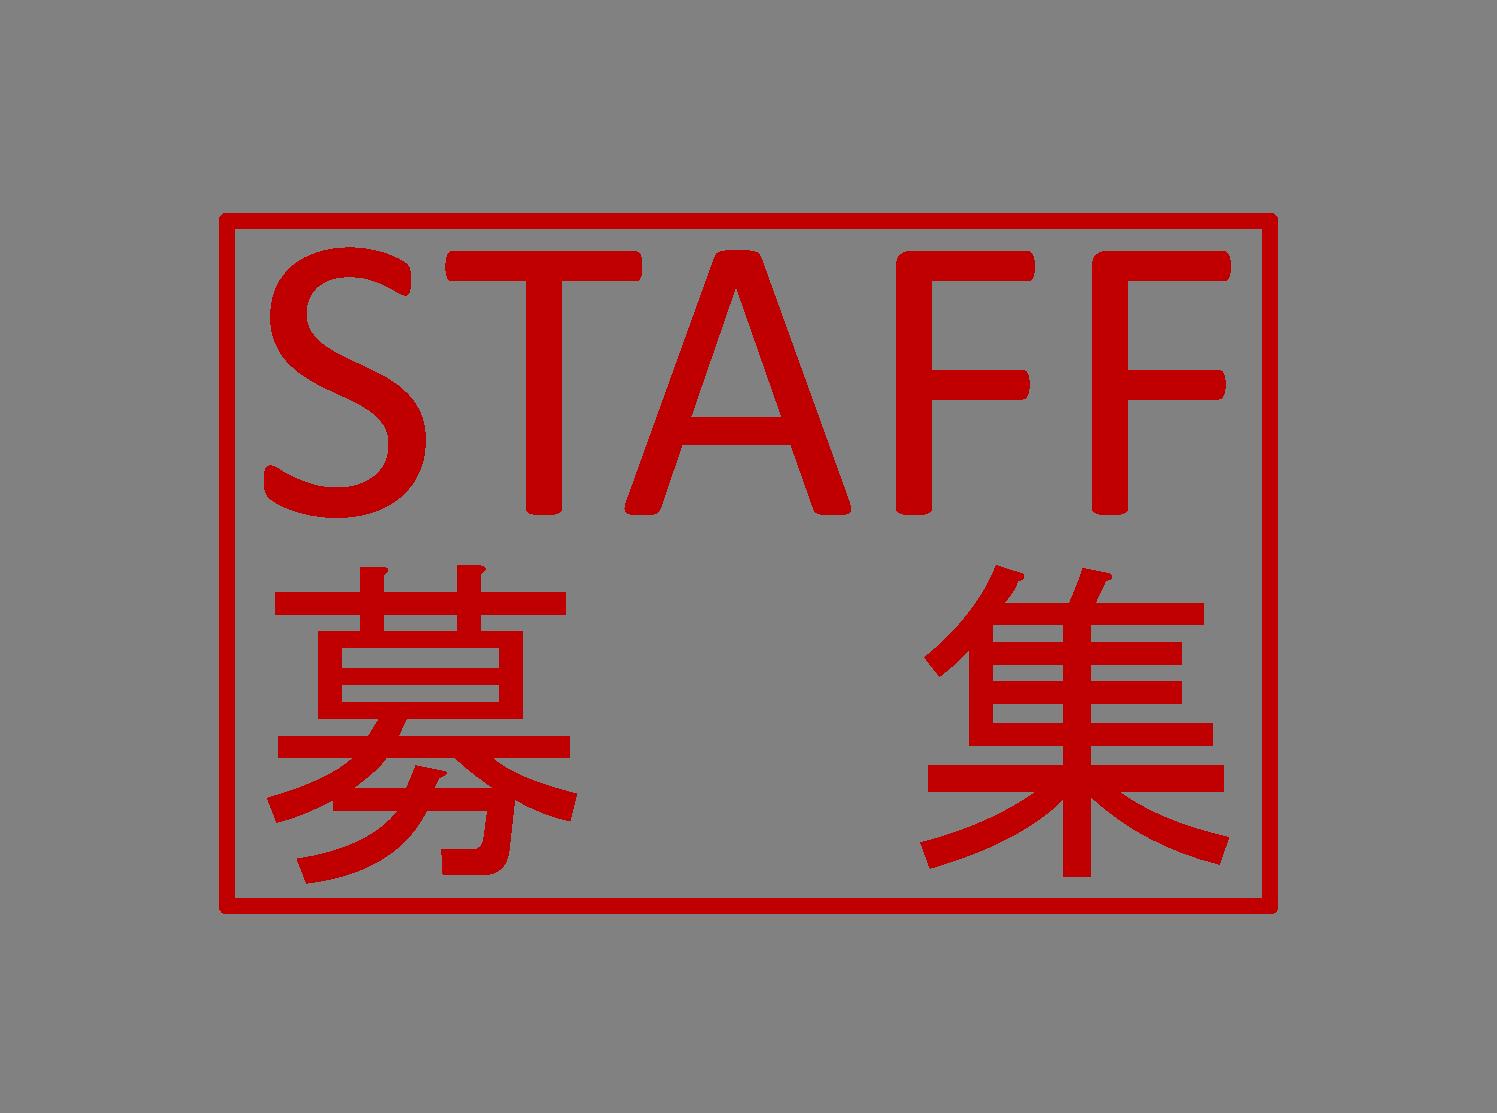 【業務拡大のため急募】スタッフ募集のおしらせ